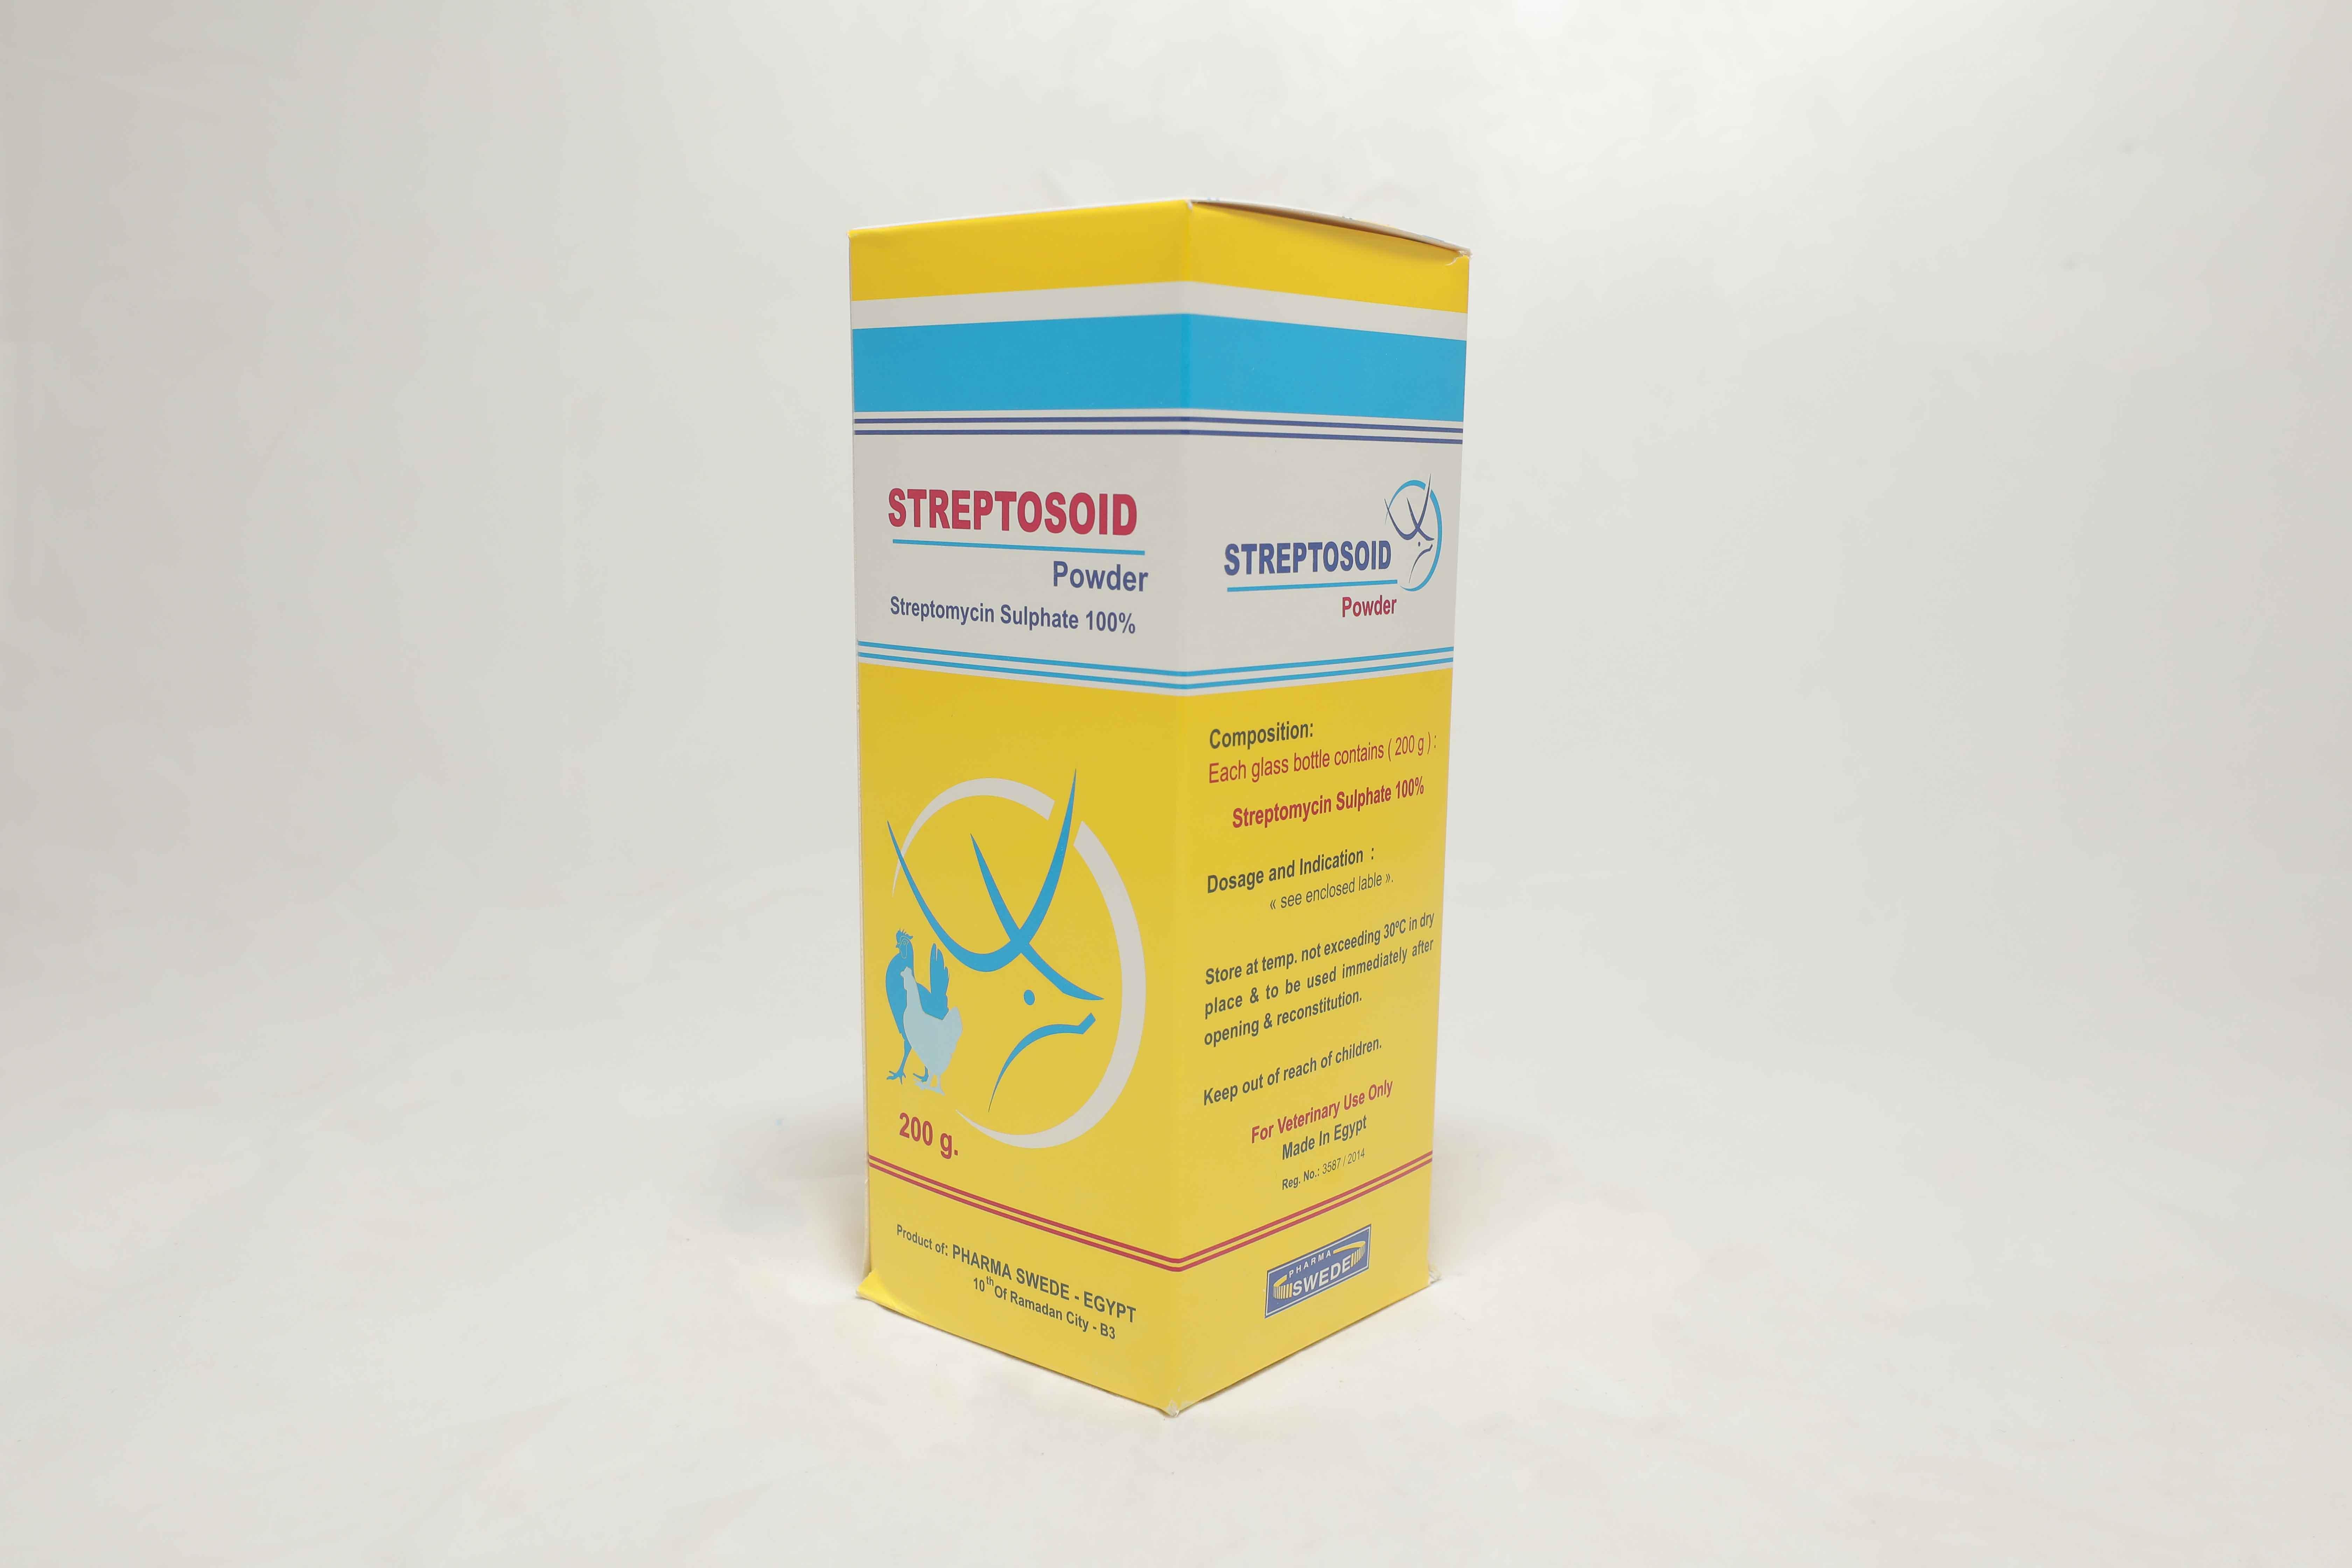 Streptosoid powder